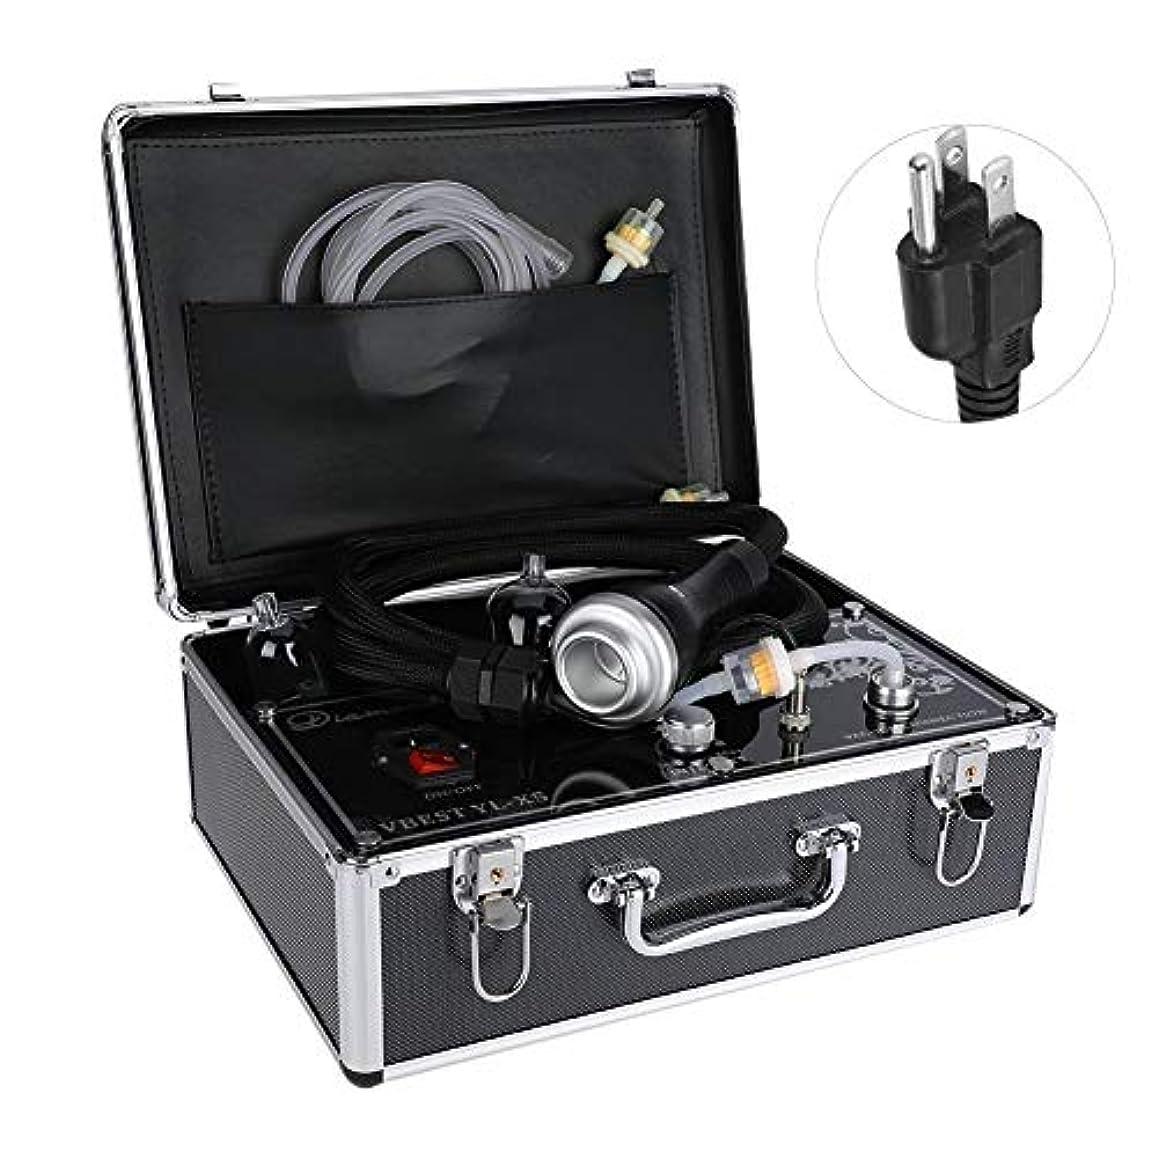 満了等暖かく否定的な圧力マッサージャー、ボディ解毒の浚渫の痛みのための熱い圧縮のこするカッピング療法の電気マッサージャー(US Plug)